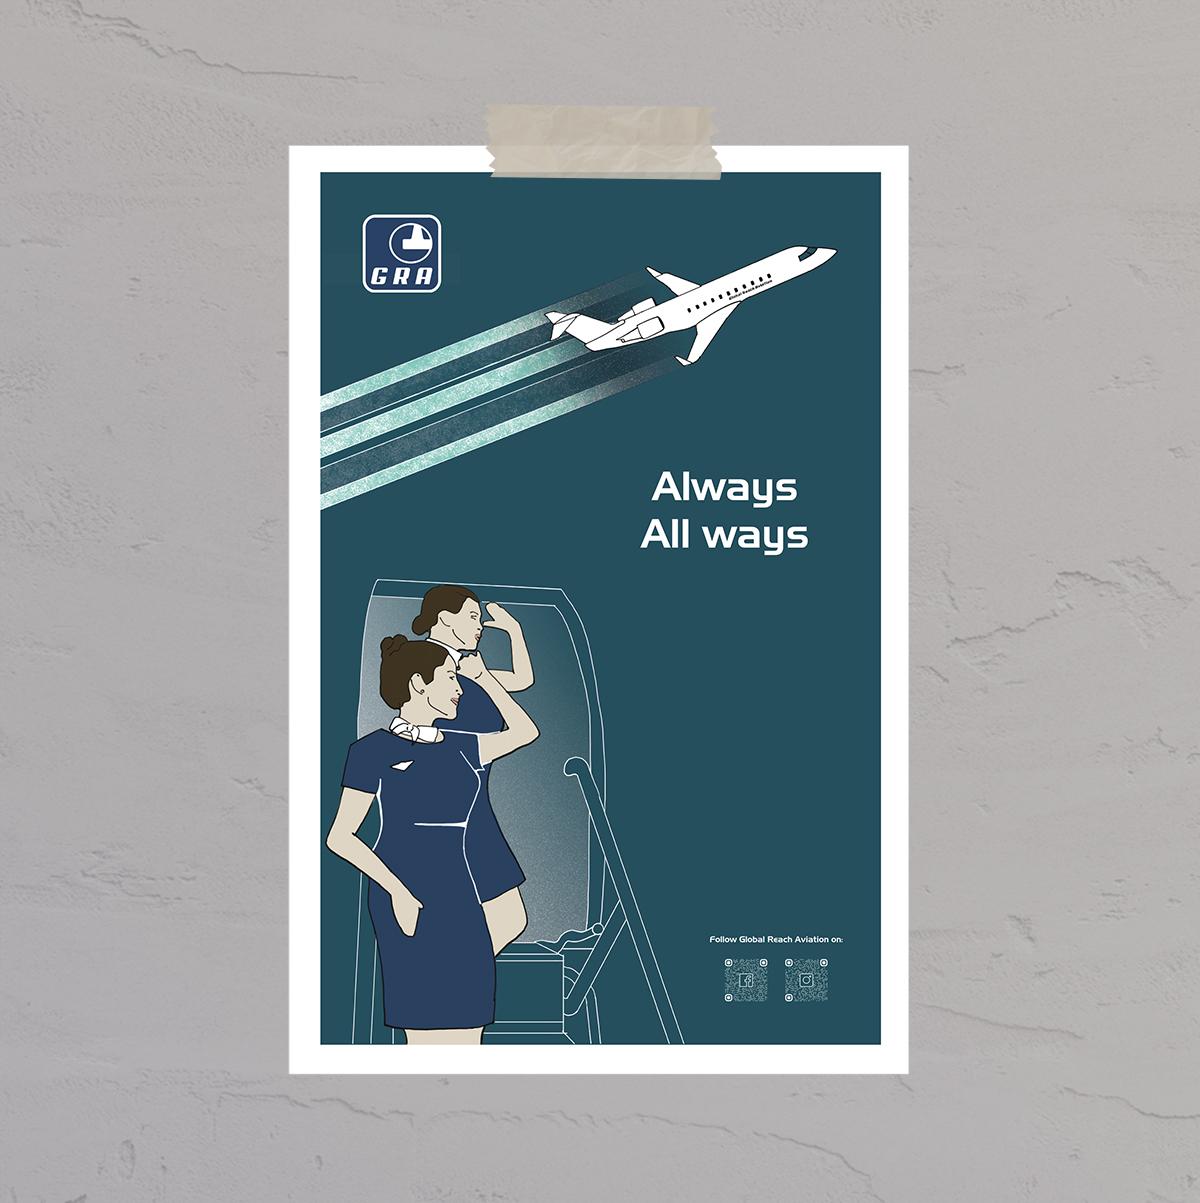 Design af plakater til Global Reach Aviation lavet af Little Creature Ink